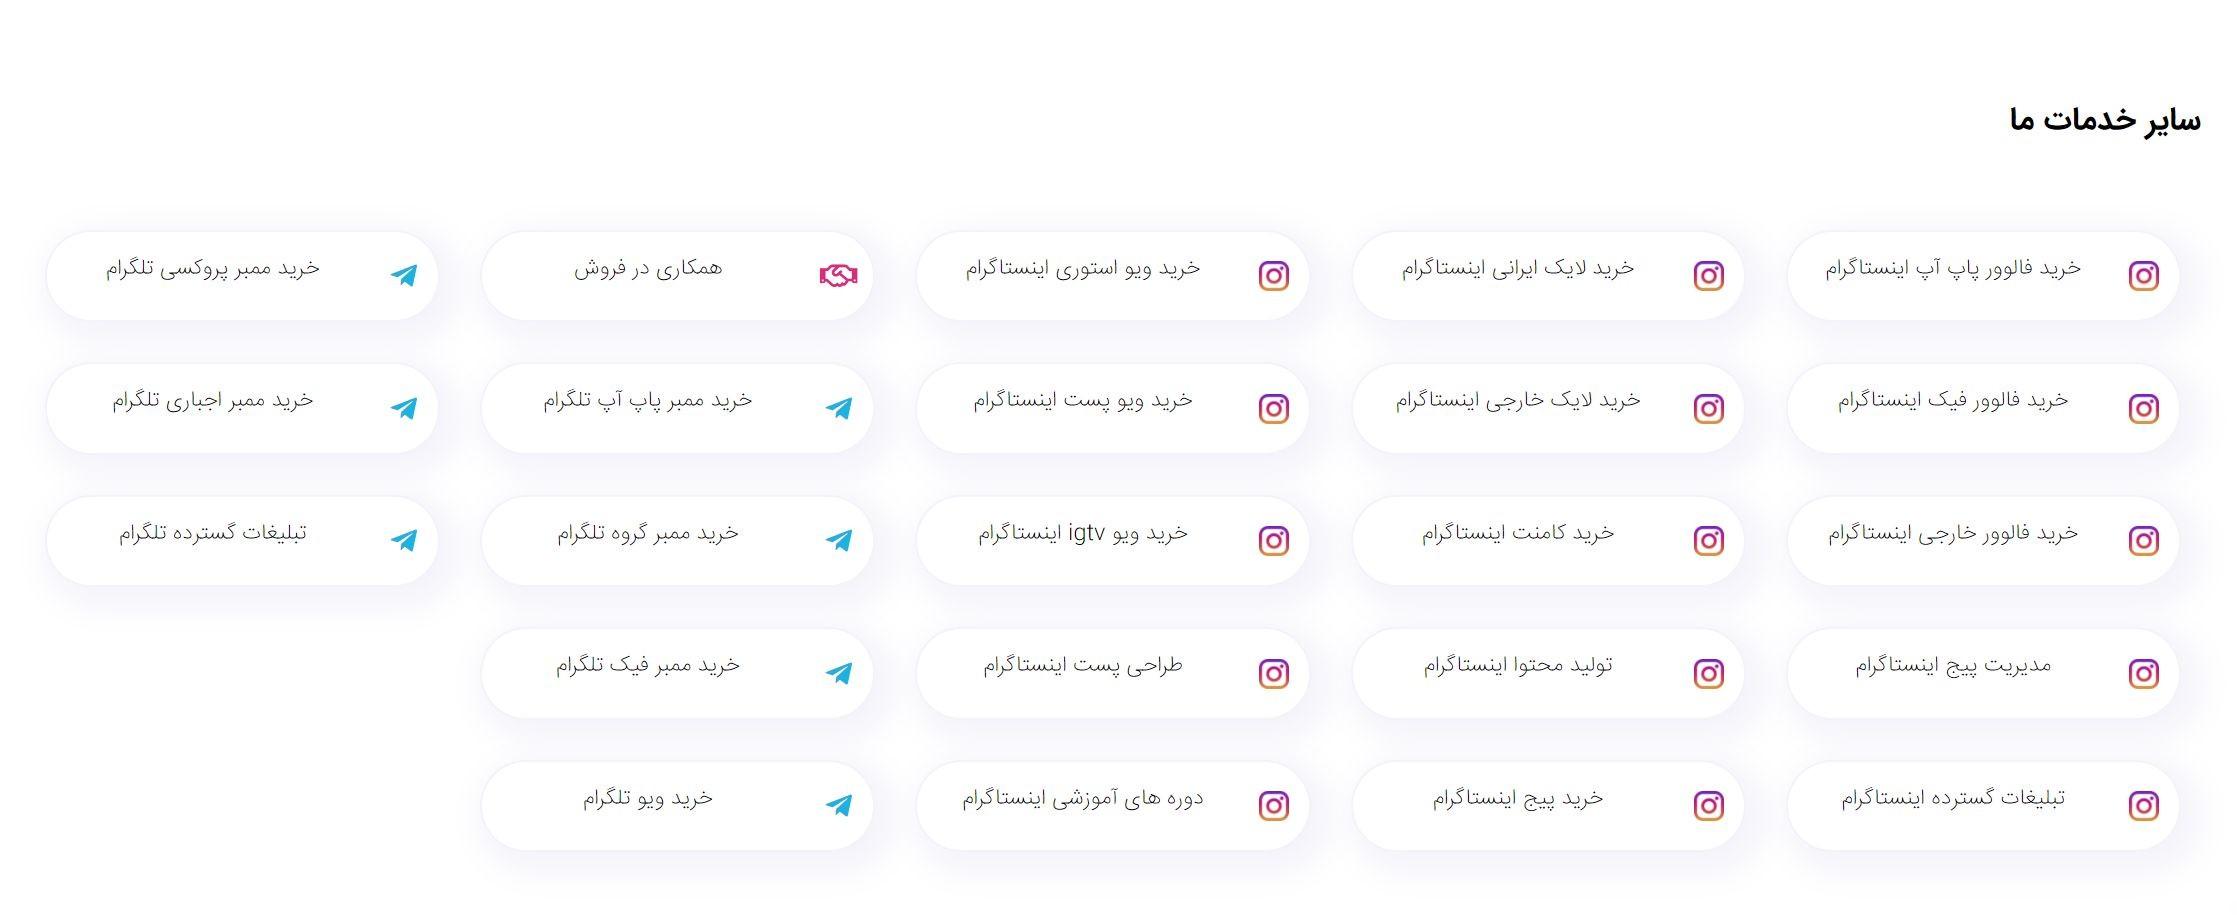 اطلاعات مقاله عنوان رپورتاژ خرید لایک اینستاگرام سلام ادز ویژه پست ، استوری و IGTV واقعی و تضمینی ارزش بازاریابی شبکههای اجتماعی و بهخصوص اینستاگرام بهعنوان رتبه اول برای کسانی که در شبکههای اجتماعی فعالیت زیادی دارند واضح و مشخص است. اینستاگرام بیشترین مخاطب ایرانی را دارد و میلیونها پست به صورت روزانه منتشر میشوند و مورد استقبال فالوورهای خود قرار میگیرند. صفحه اینستاگرامی که تولید محتوای باکیفیت داشته باشد، تعداد فالوورهای واقعی زیاد و لایک اینستاگرام زیادی دریافت می کند. اگرچه راههای زیادی برای افزایش لایک اینستاگرام به صورت طبیعی وجود دارد اما خرید لایک اینستاگرام سلام ادز راه بهتری برای این کار است. ما در این مقاله شما را با روش های رایگان افزایش لایک بیشتر آشنا میکنیم. افزایش لایک اینستاگرام رایگان چگونه؟ اگر میخواهید برای افزایش لایک پستهای اینستاگرام و سرعت بیشتر آن از روش طبیعی استفاده کنید، میتوانید مسیر پیشنهادی سلام ادز را طی کنید. 1. بالابردن کیفیت عکسهای اینستاگرام استفاده از محتوای گرافیکی باکیفیت در اینستاگرام اهمیت زیادی دارد. همانطور که میدانید اینستاگرام یک شبکهی اجتماعی بصری است. اگر از عکسهای بیکیفیت و تکراری استفاده کنید نباید انتظار لایک بالا داشته باشید. برای داشتن محتوای با کیفیت نیاز به هزینه و یا زمان دارید اما برای نتیجه بهتر در صفحه اینستاگرام خود باید برای آن برنامه داشته باشید. اگر پیج اینستاگرام شما راهی برای خرید و سفارش محصولات است میتوانید به راحتی با استفاده از تلفن همراه خود عکسهای با کیفیت بگیرید و روزانه به صورت پست و استوری منتشر کنید. محتوای باکفیت و انتشار به موقع آن به شما کمک زیادی میکند تا مورد توجه فالوورهای خود قرار بگیرید. 2. طراحی لی اوت و پست اینستاگرام مخصوص پیج شخصی هماهنگی بین محتوایی که در صفحه اینستاگرام خود به کار میبرید به برند شما هویت میدهد. برخلاف تصور رنگبندی و داشتن تم مشخص برای یک برند در اینستاگرام تاثیر زیادی در افزایش جذب فالوورهای فعال یا مخاطبانی دارد که هنوز به لیست فالوورهای شما اضافه نشده اند. فالووری که شما را دنبال میکند به راحتی پستهای برند شما را میشناسد و لایک میکند. 3. به سایر شبکههای اجتماعی خود لینک دهید یکی دیگر از راههای موثر برای رسیدن به هدفی که دارید قراردادن لینک اینستاگرام در سایر